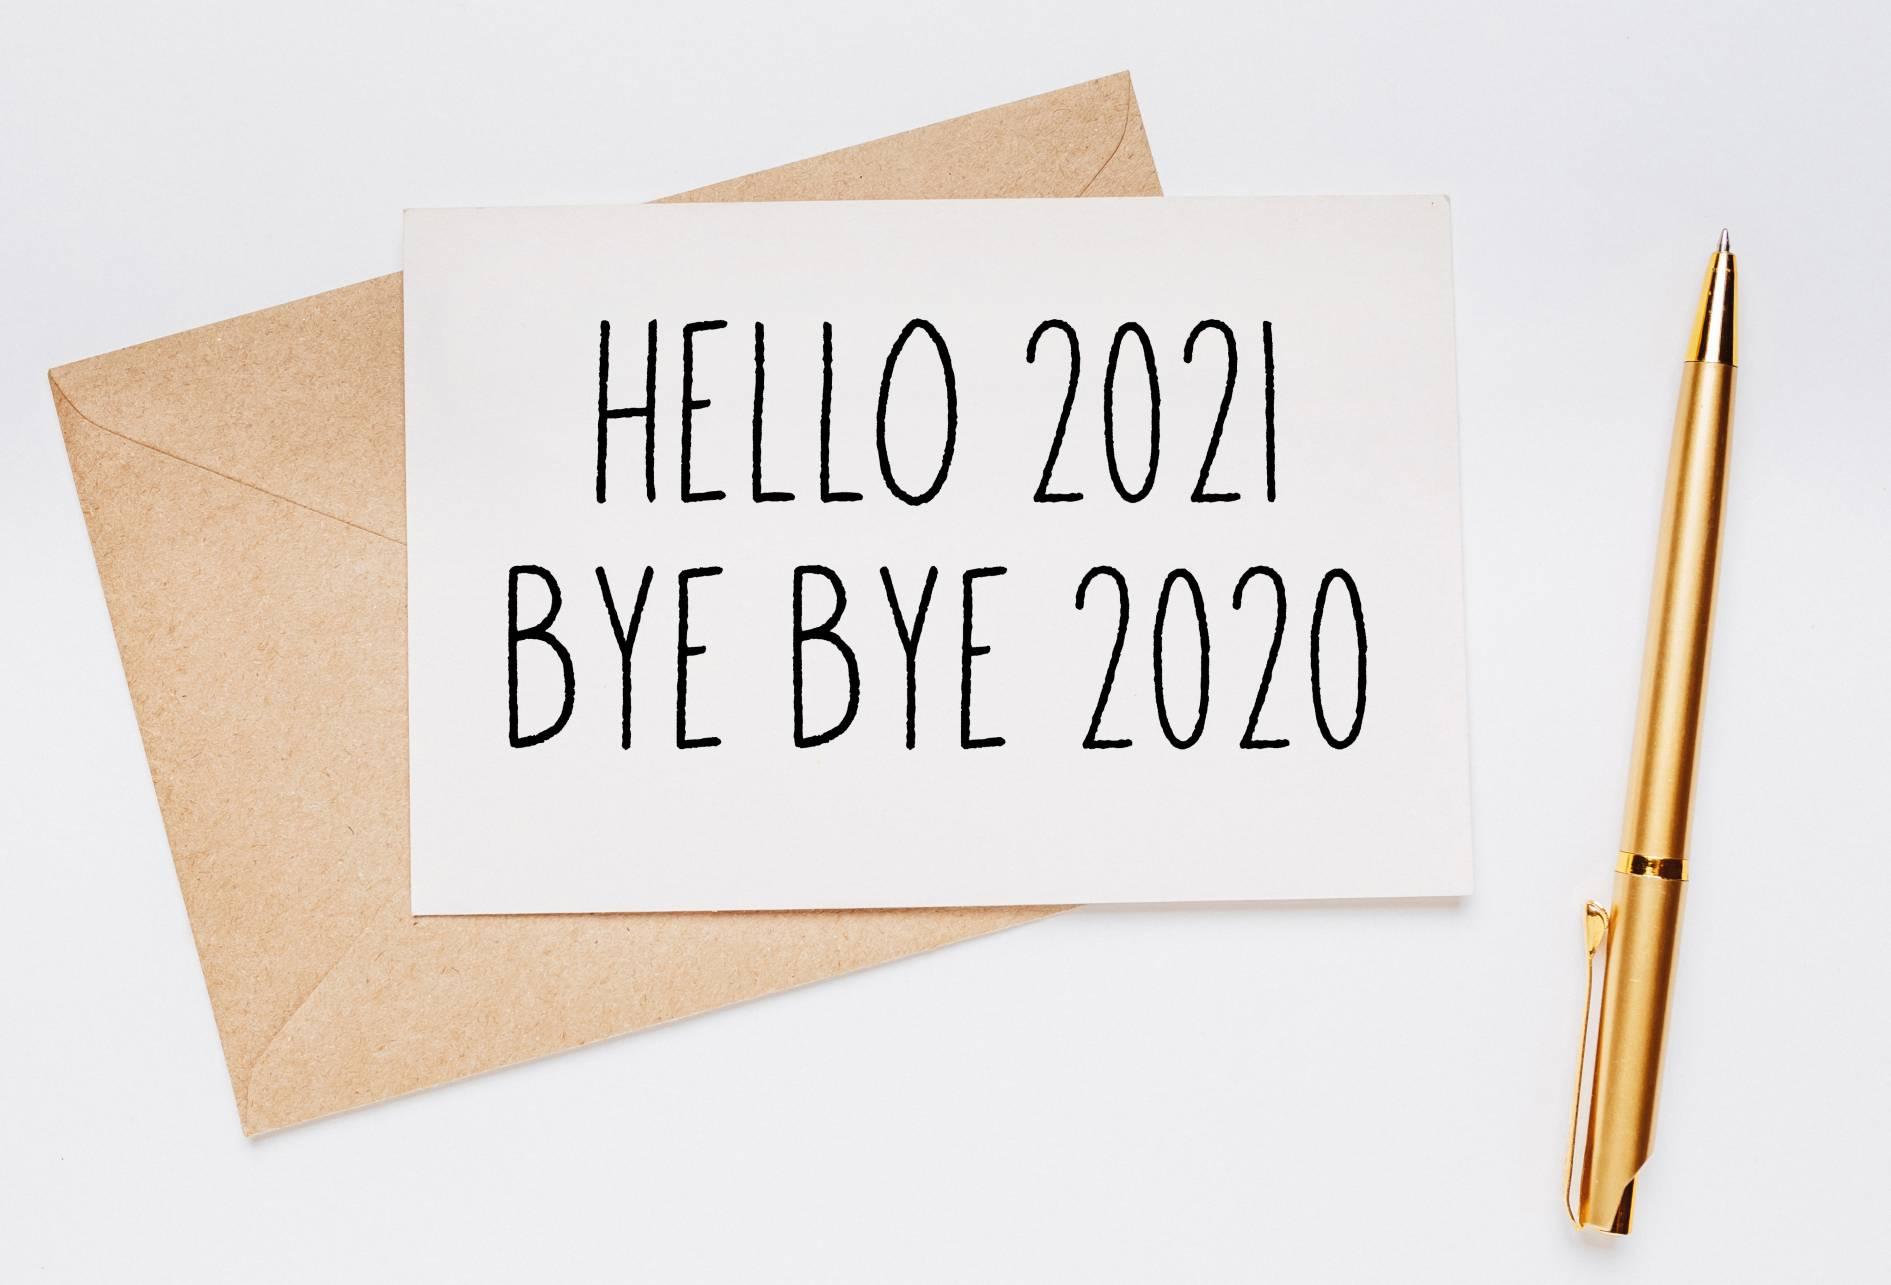 2021 הולכת להיות שנה מדהימה בשבילך [מתנה מצורפת- לוח תכנון והגדרת מטרות]